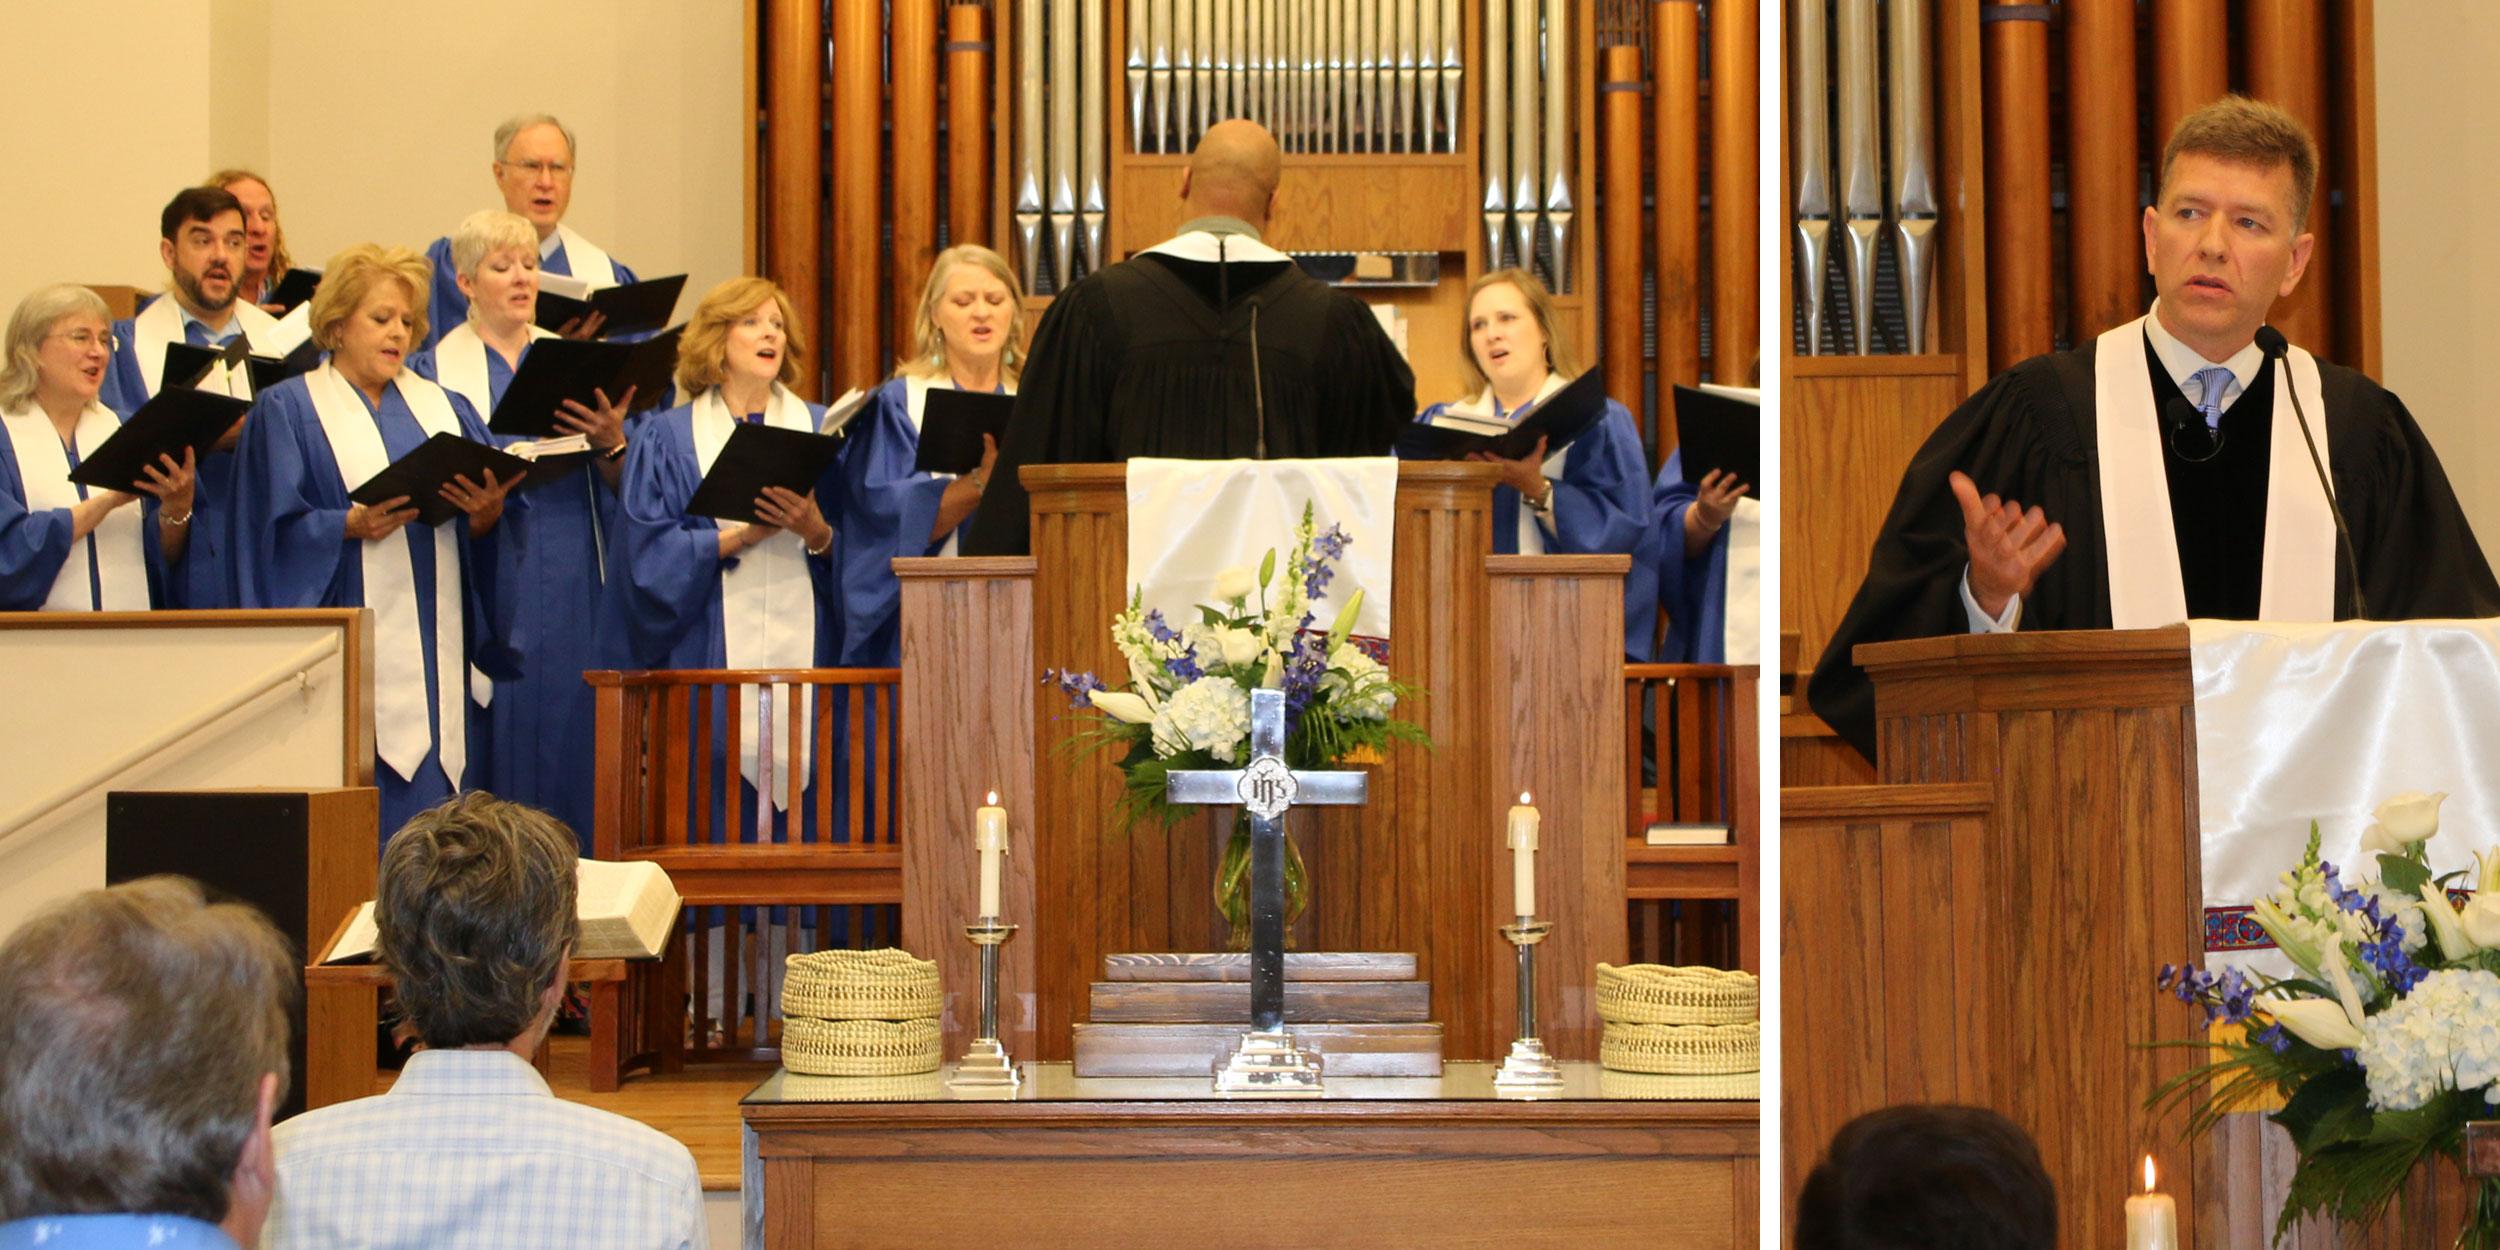 choir-dan-2500x1250.jpg